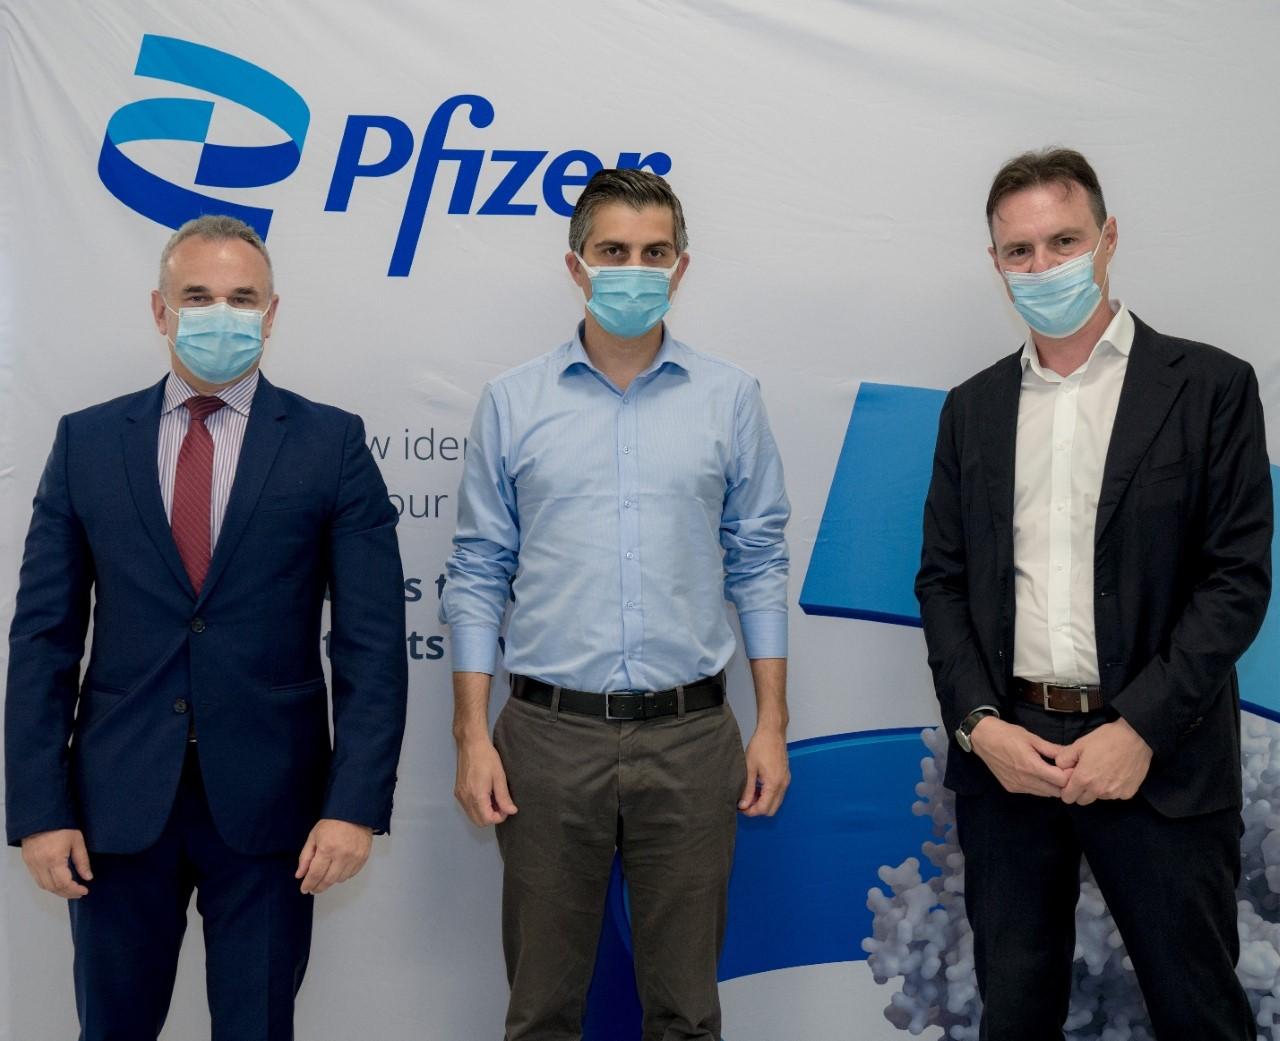 Στις εγκαταστάσεις της Pfizer στη Θεσσαλονίκη ο Χρίστος Δήμας